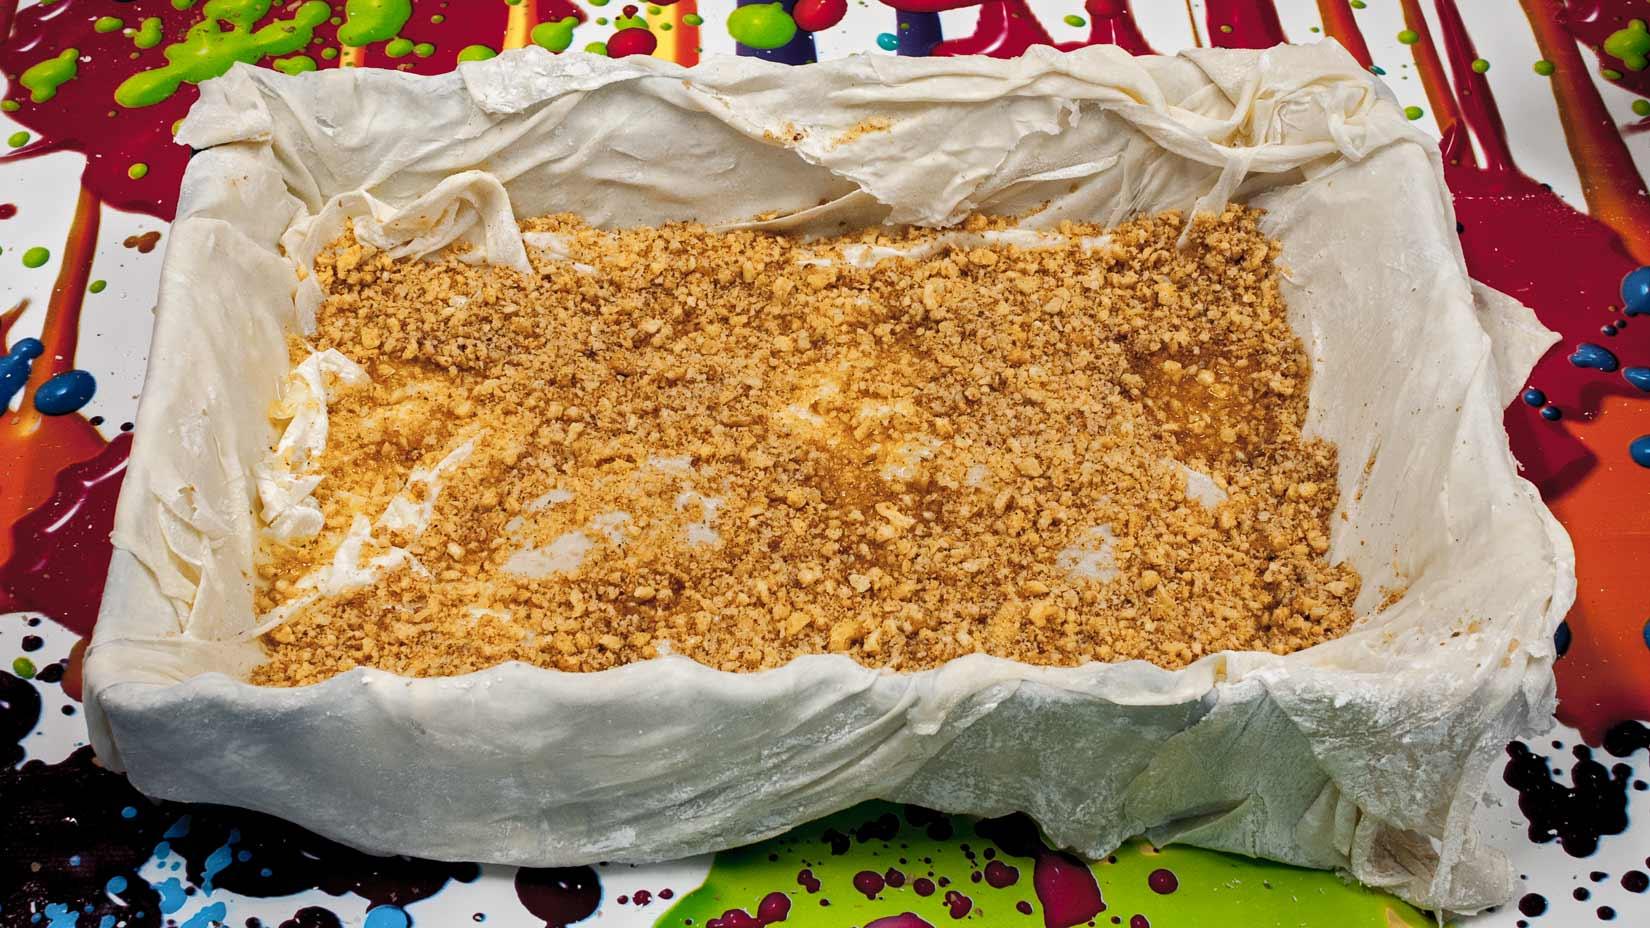 Postupně vršíme ořechovou náplň a těsto, vše prokapáváme máslem